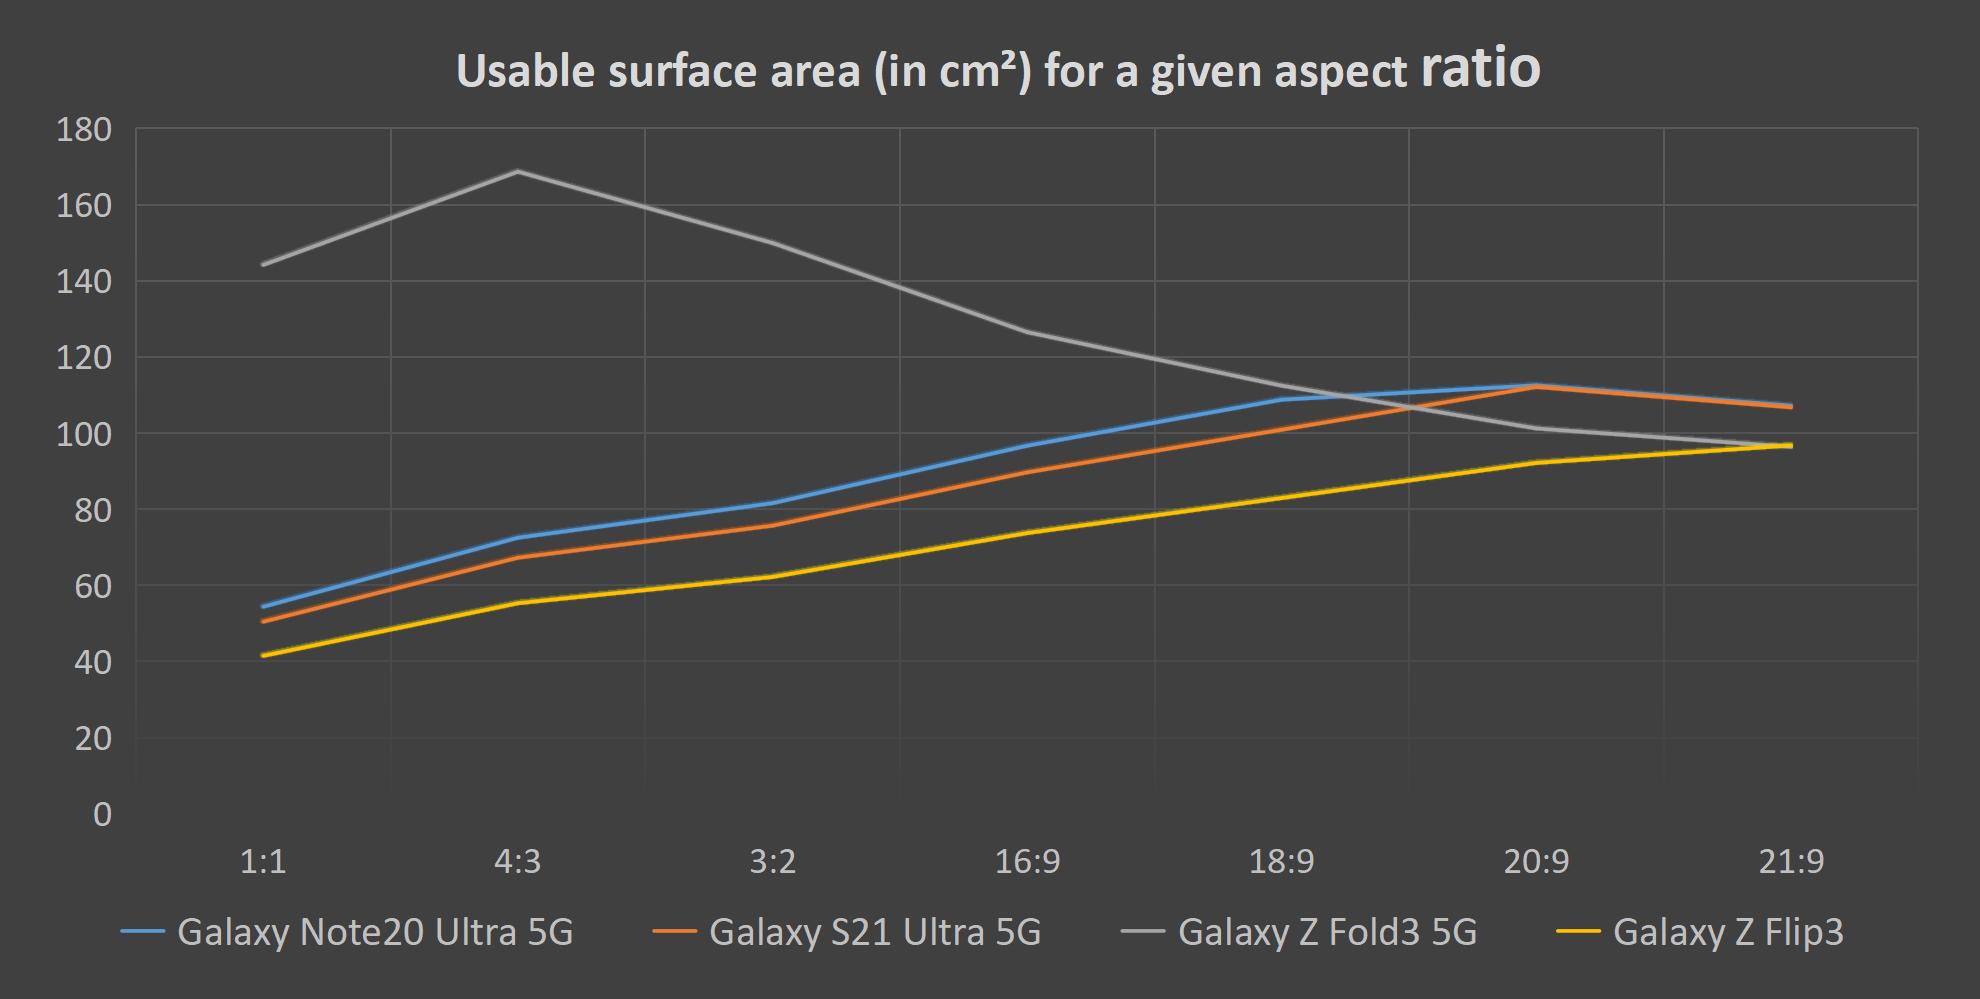 Είναι τα πτυσσόμενα τηλέφωνα καλύτερα για πολυμέσα;  Δείτε πώς συσσωρεύονται τα Galaxy Z Fold3 και Z Flip3